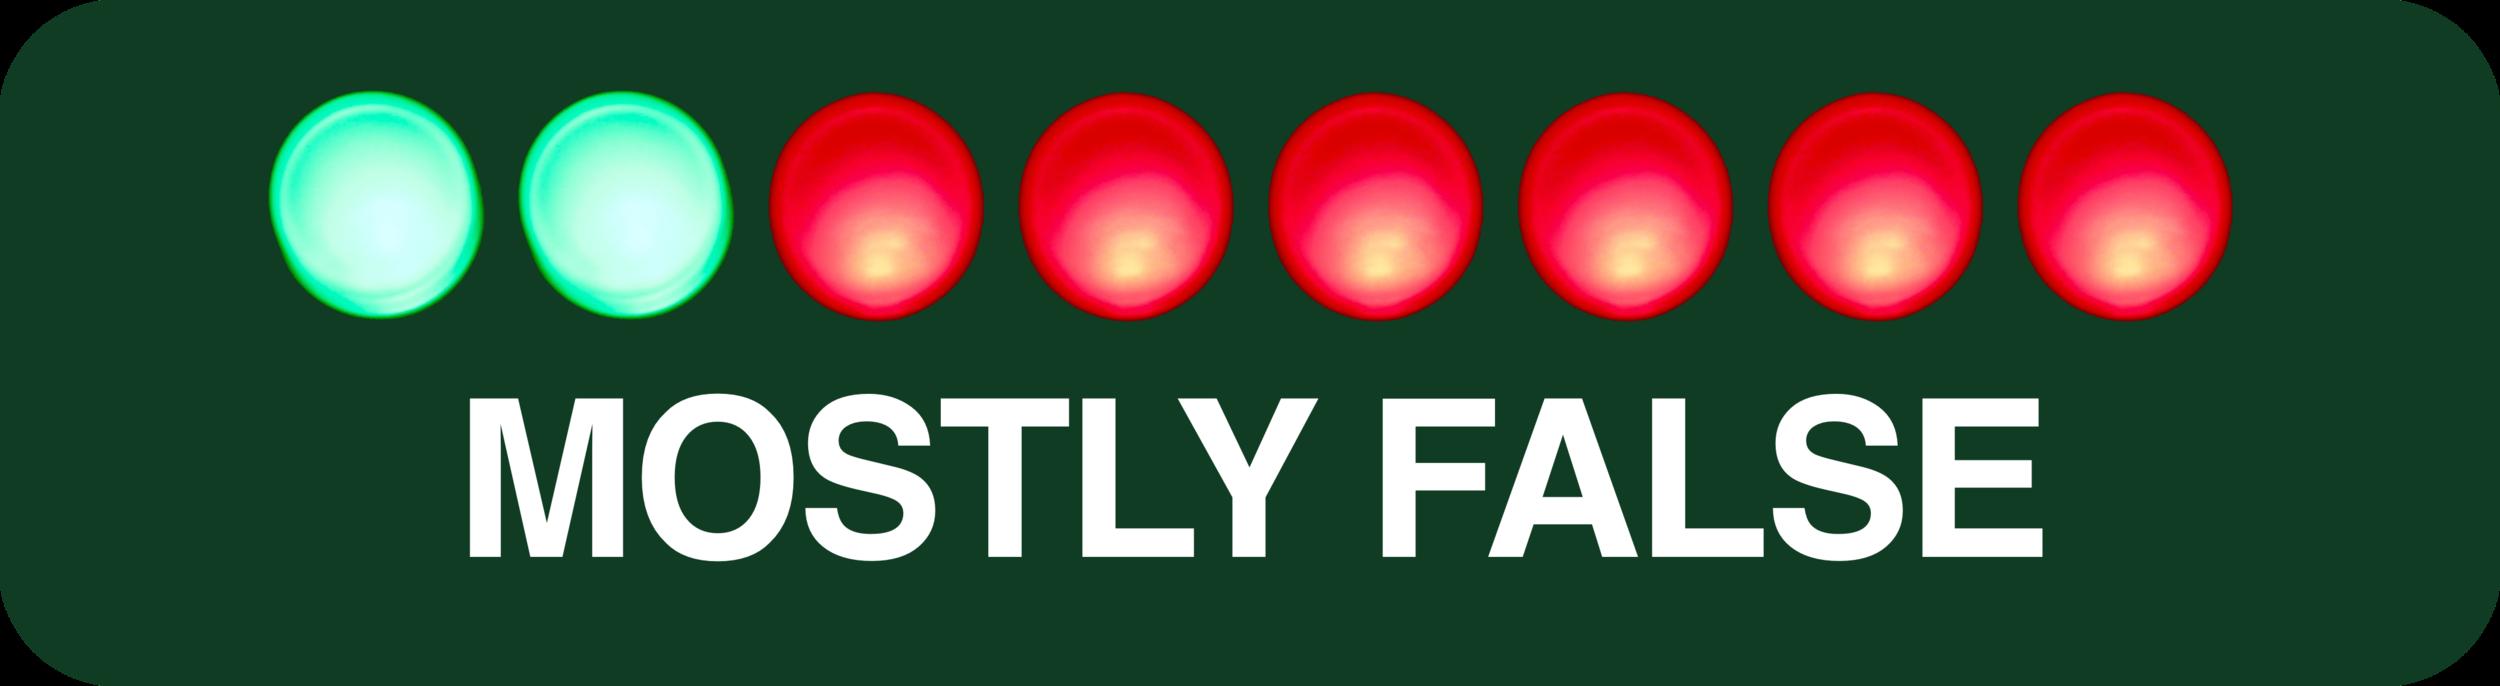 Fact-check header MOSTLY FALSE.png